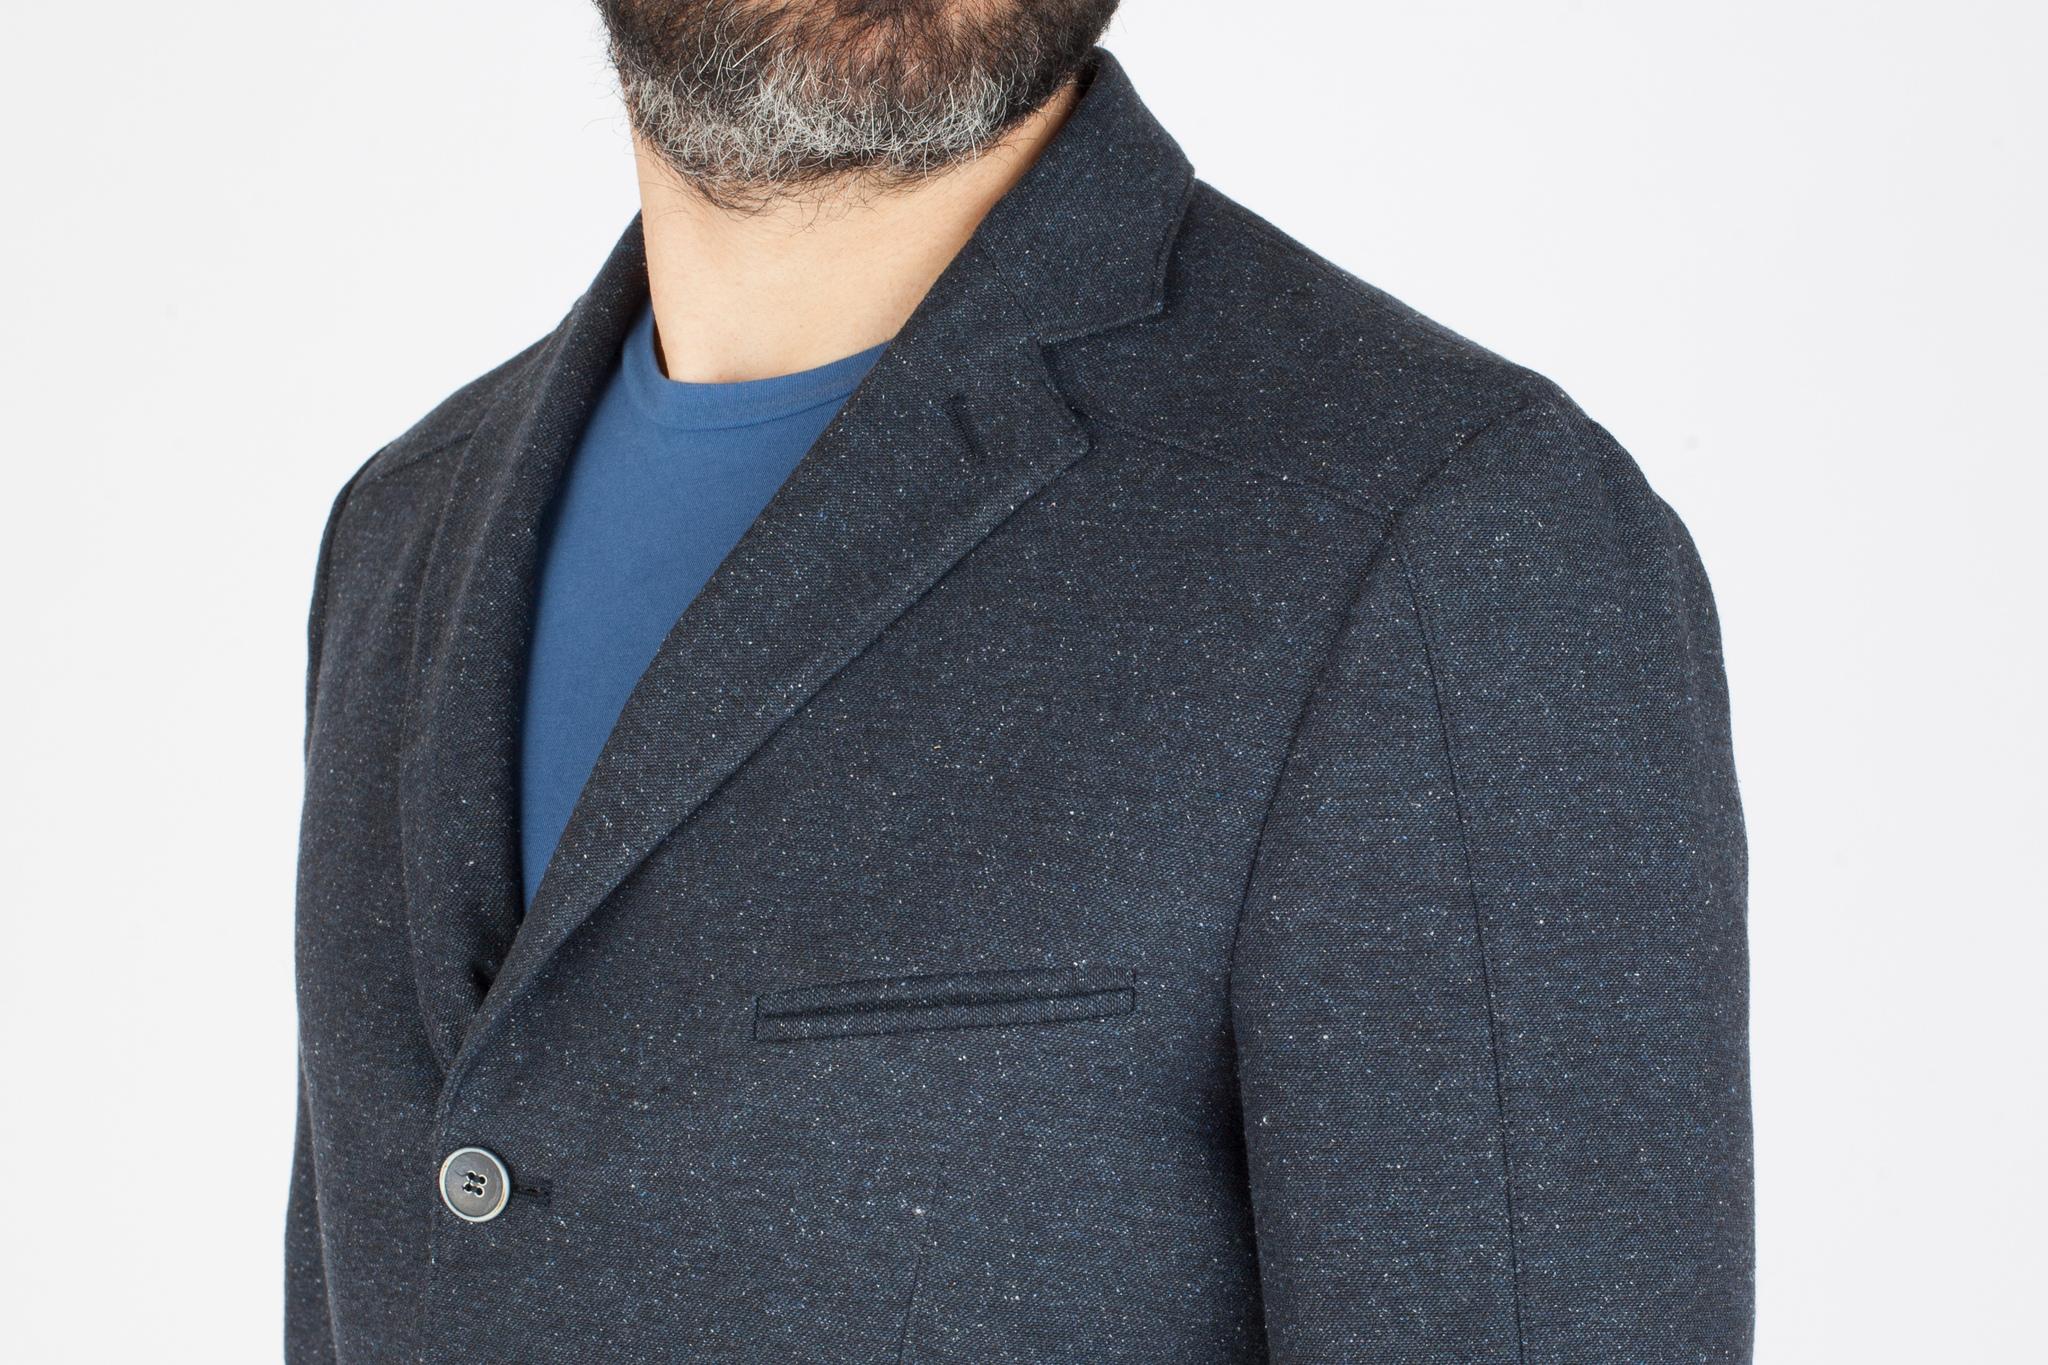 Тёмно-синий пиджак из шерсти, хлопка, шёлка и синтетики, нагрудный карман